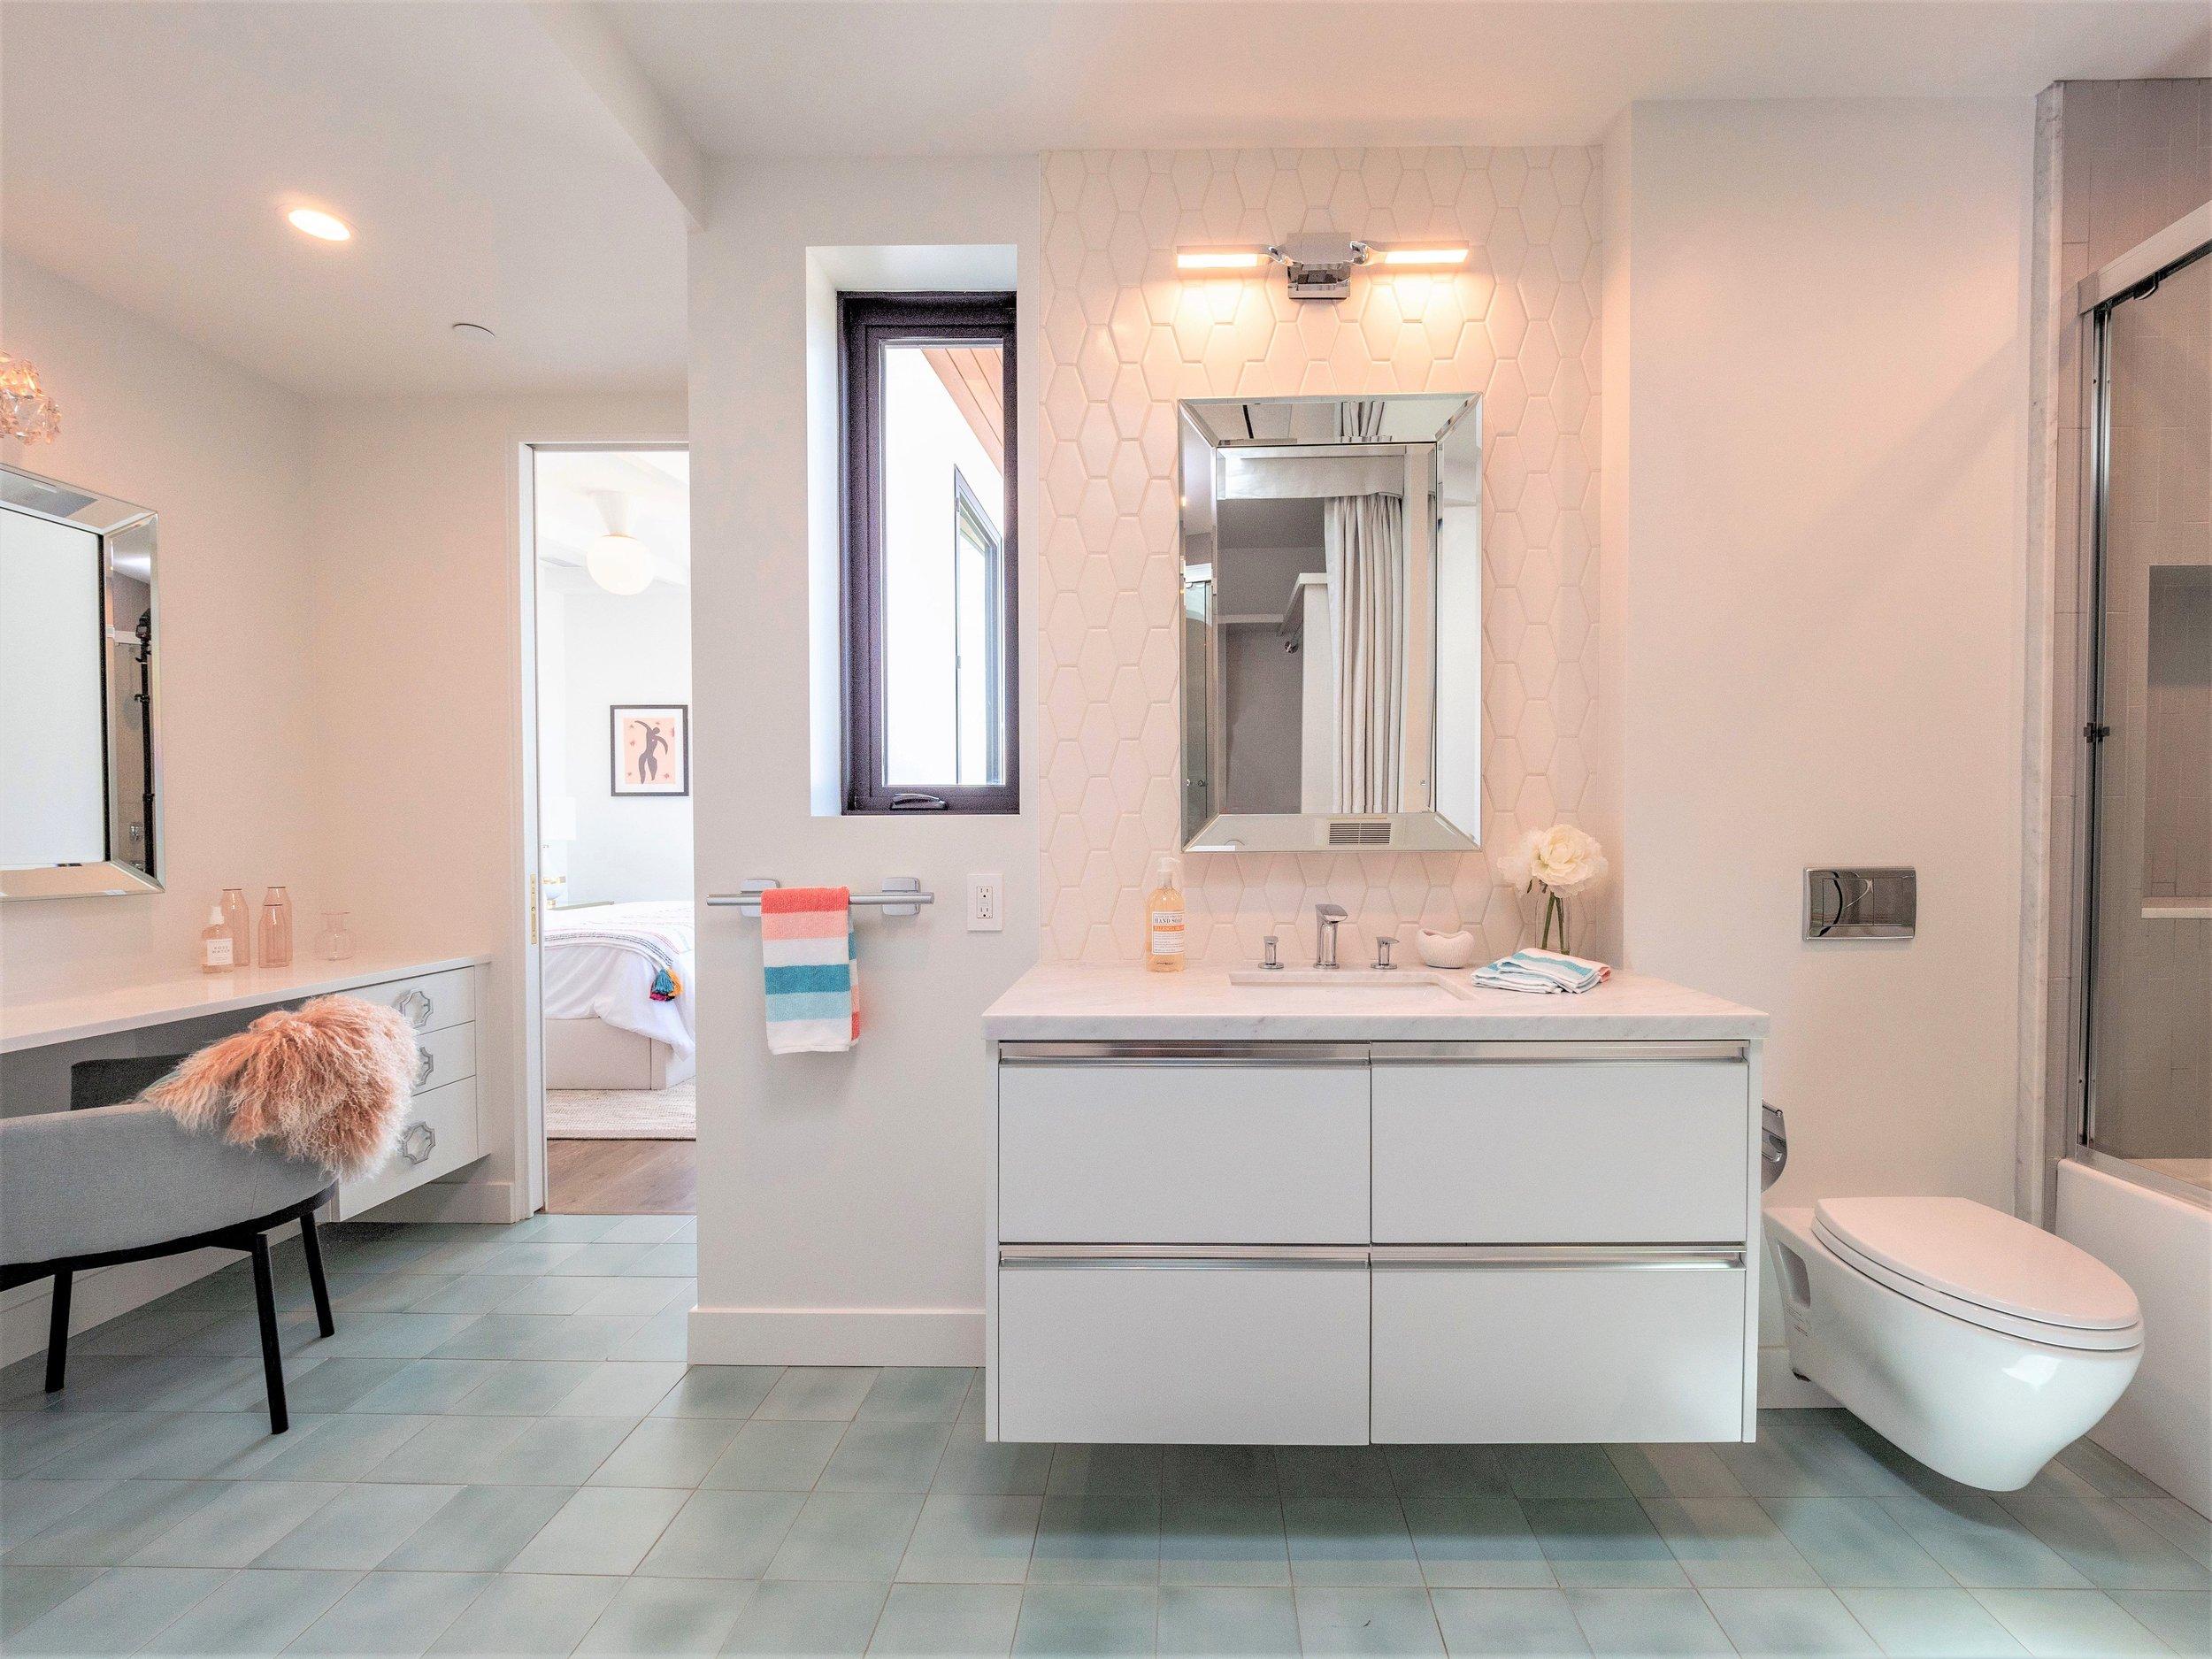 northside_bathroom2-1_0.jpg